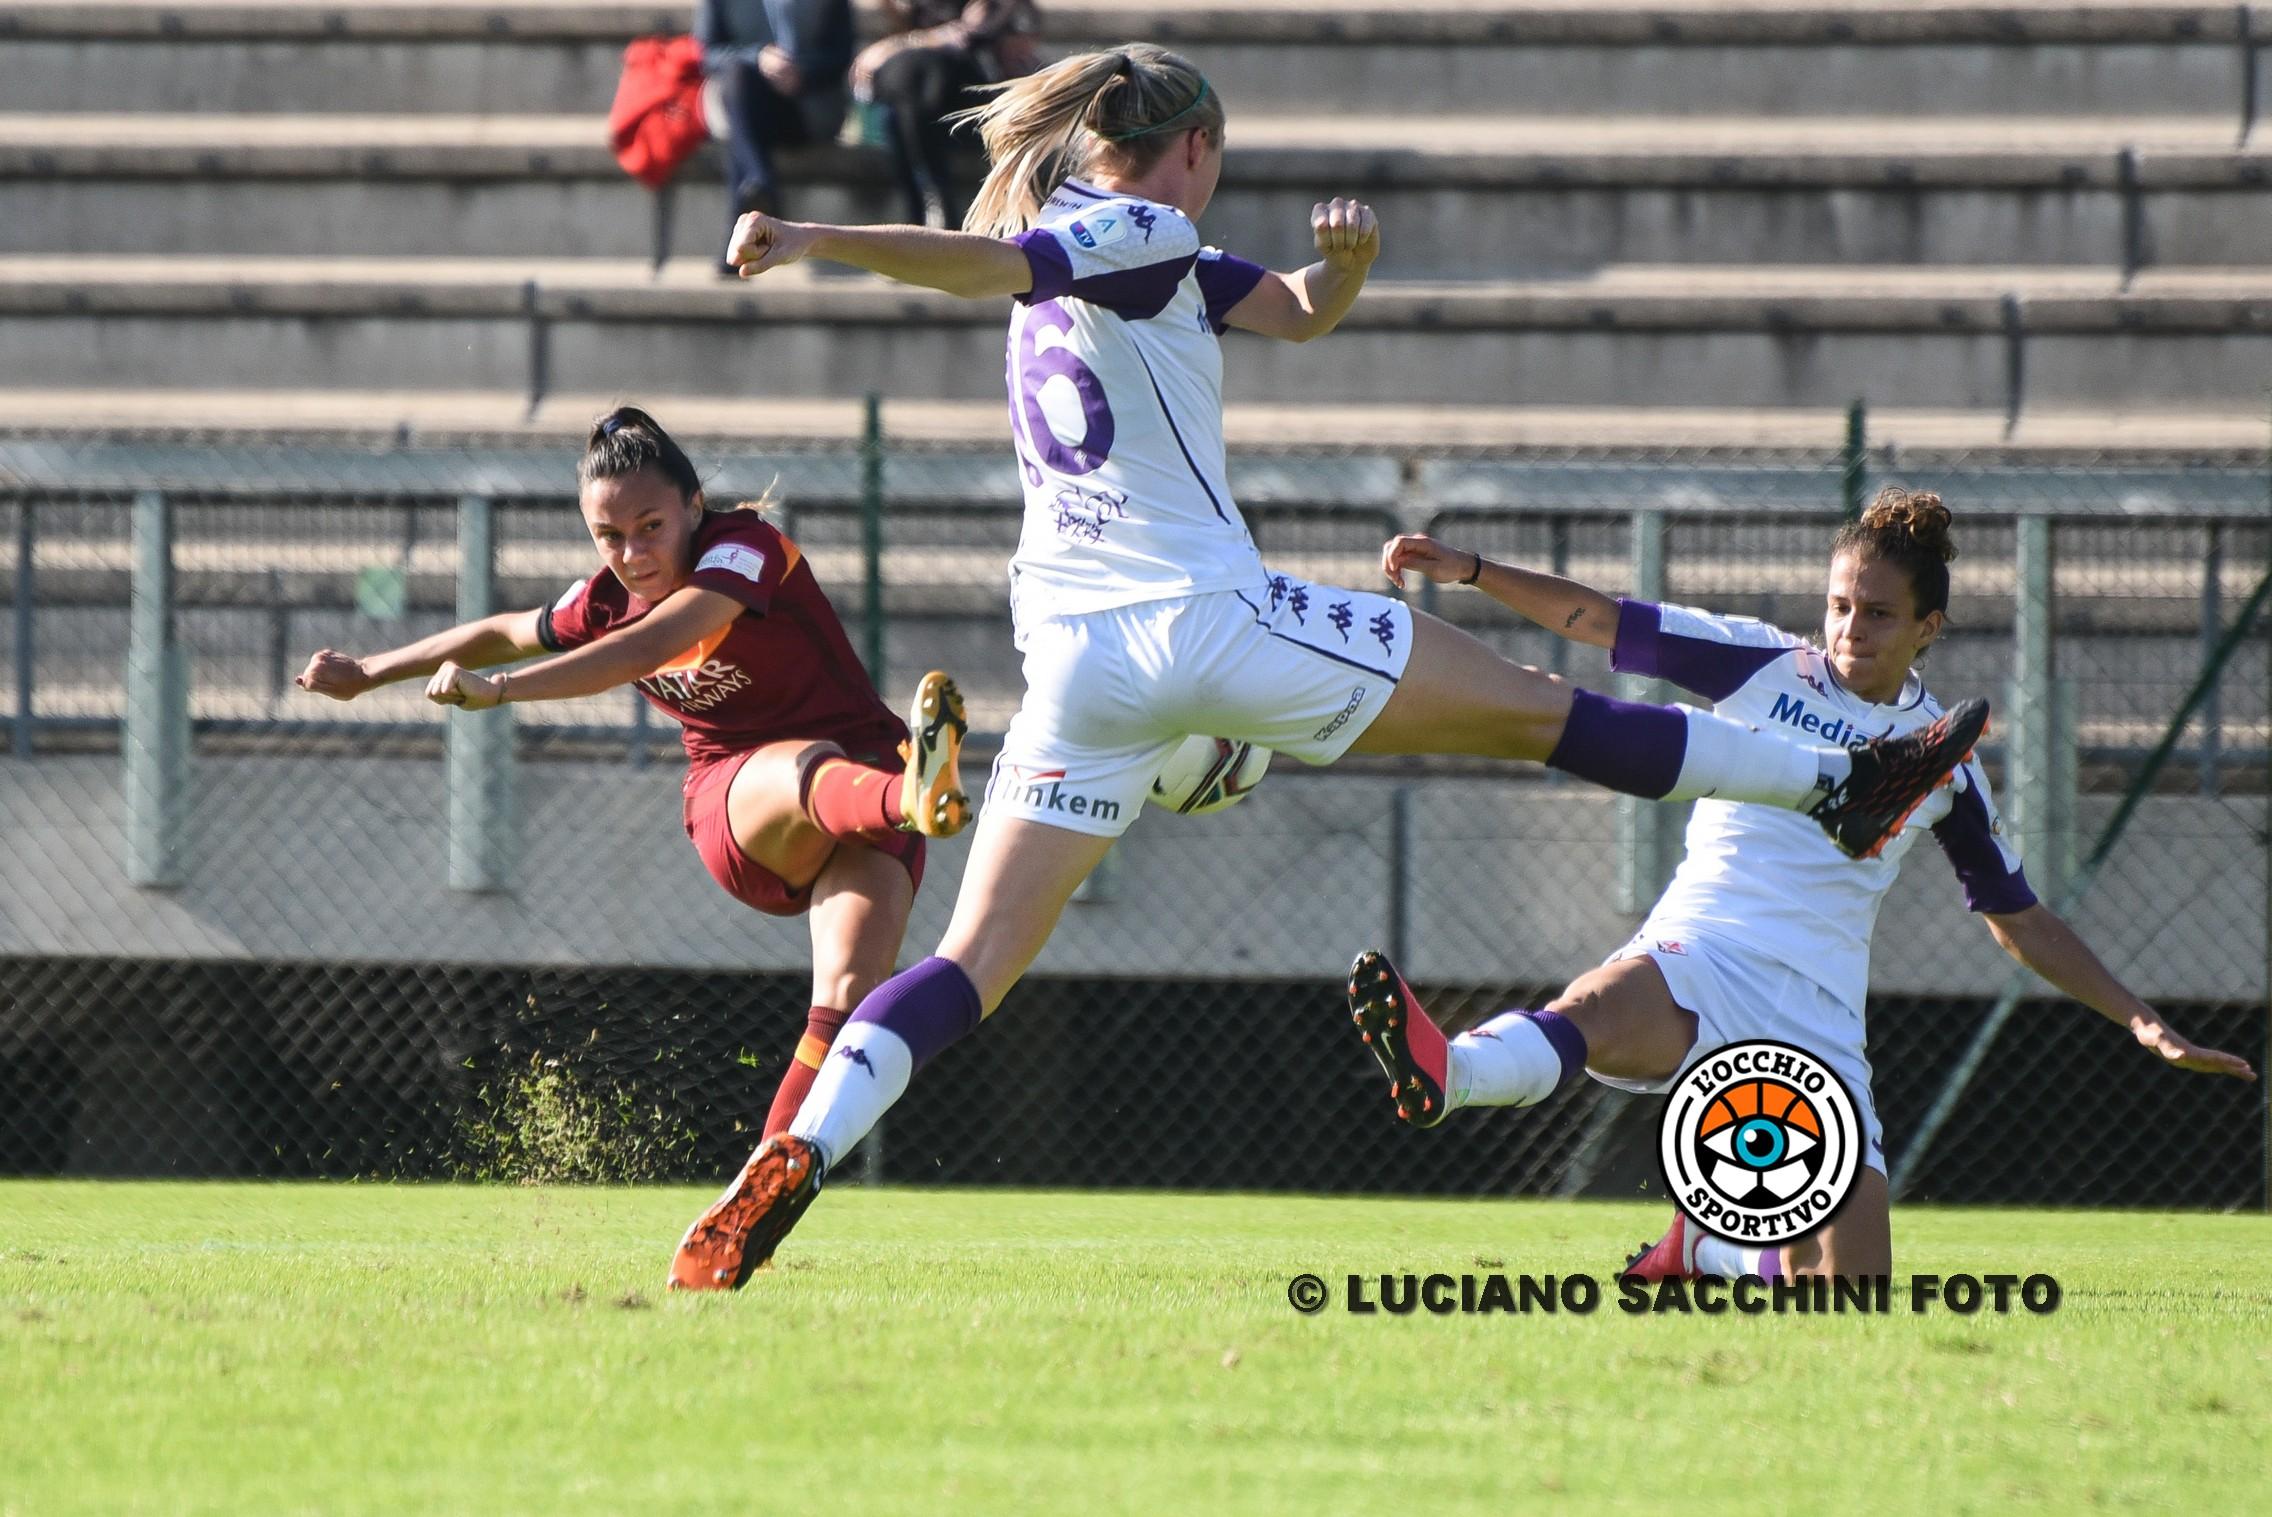 Roma-Fiorentina: un 2-2 che non serve a nessuno